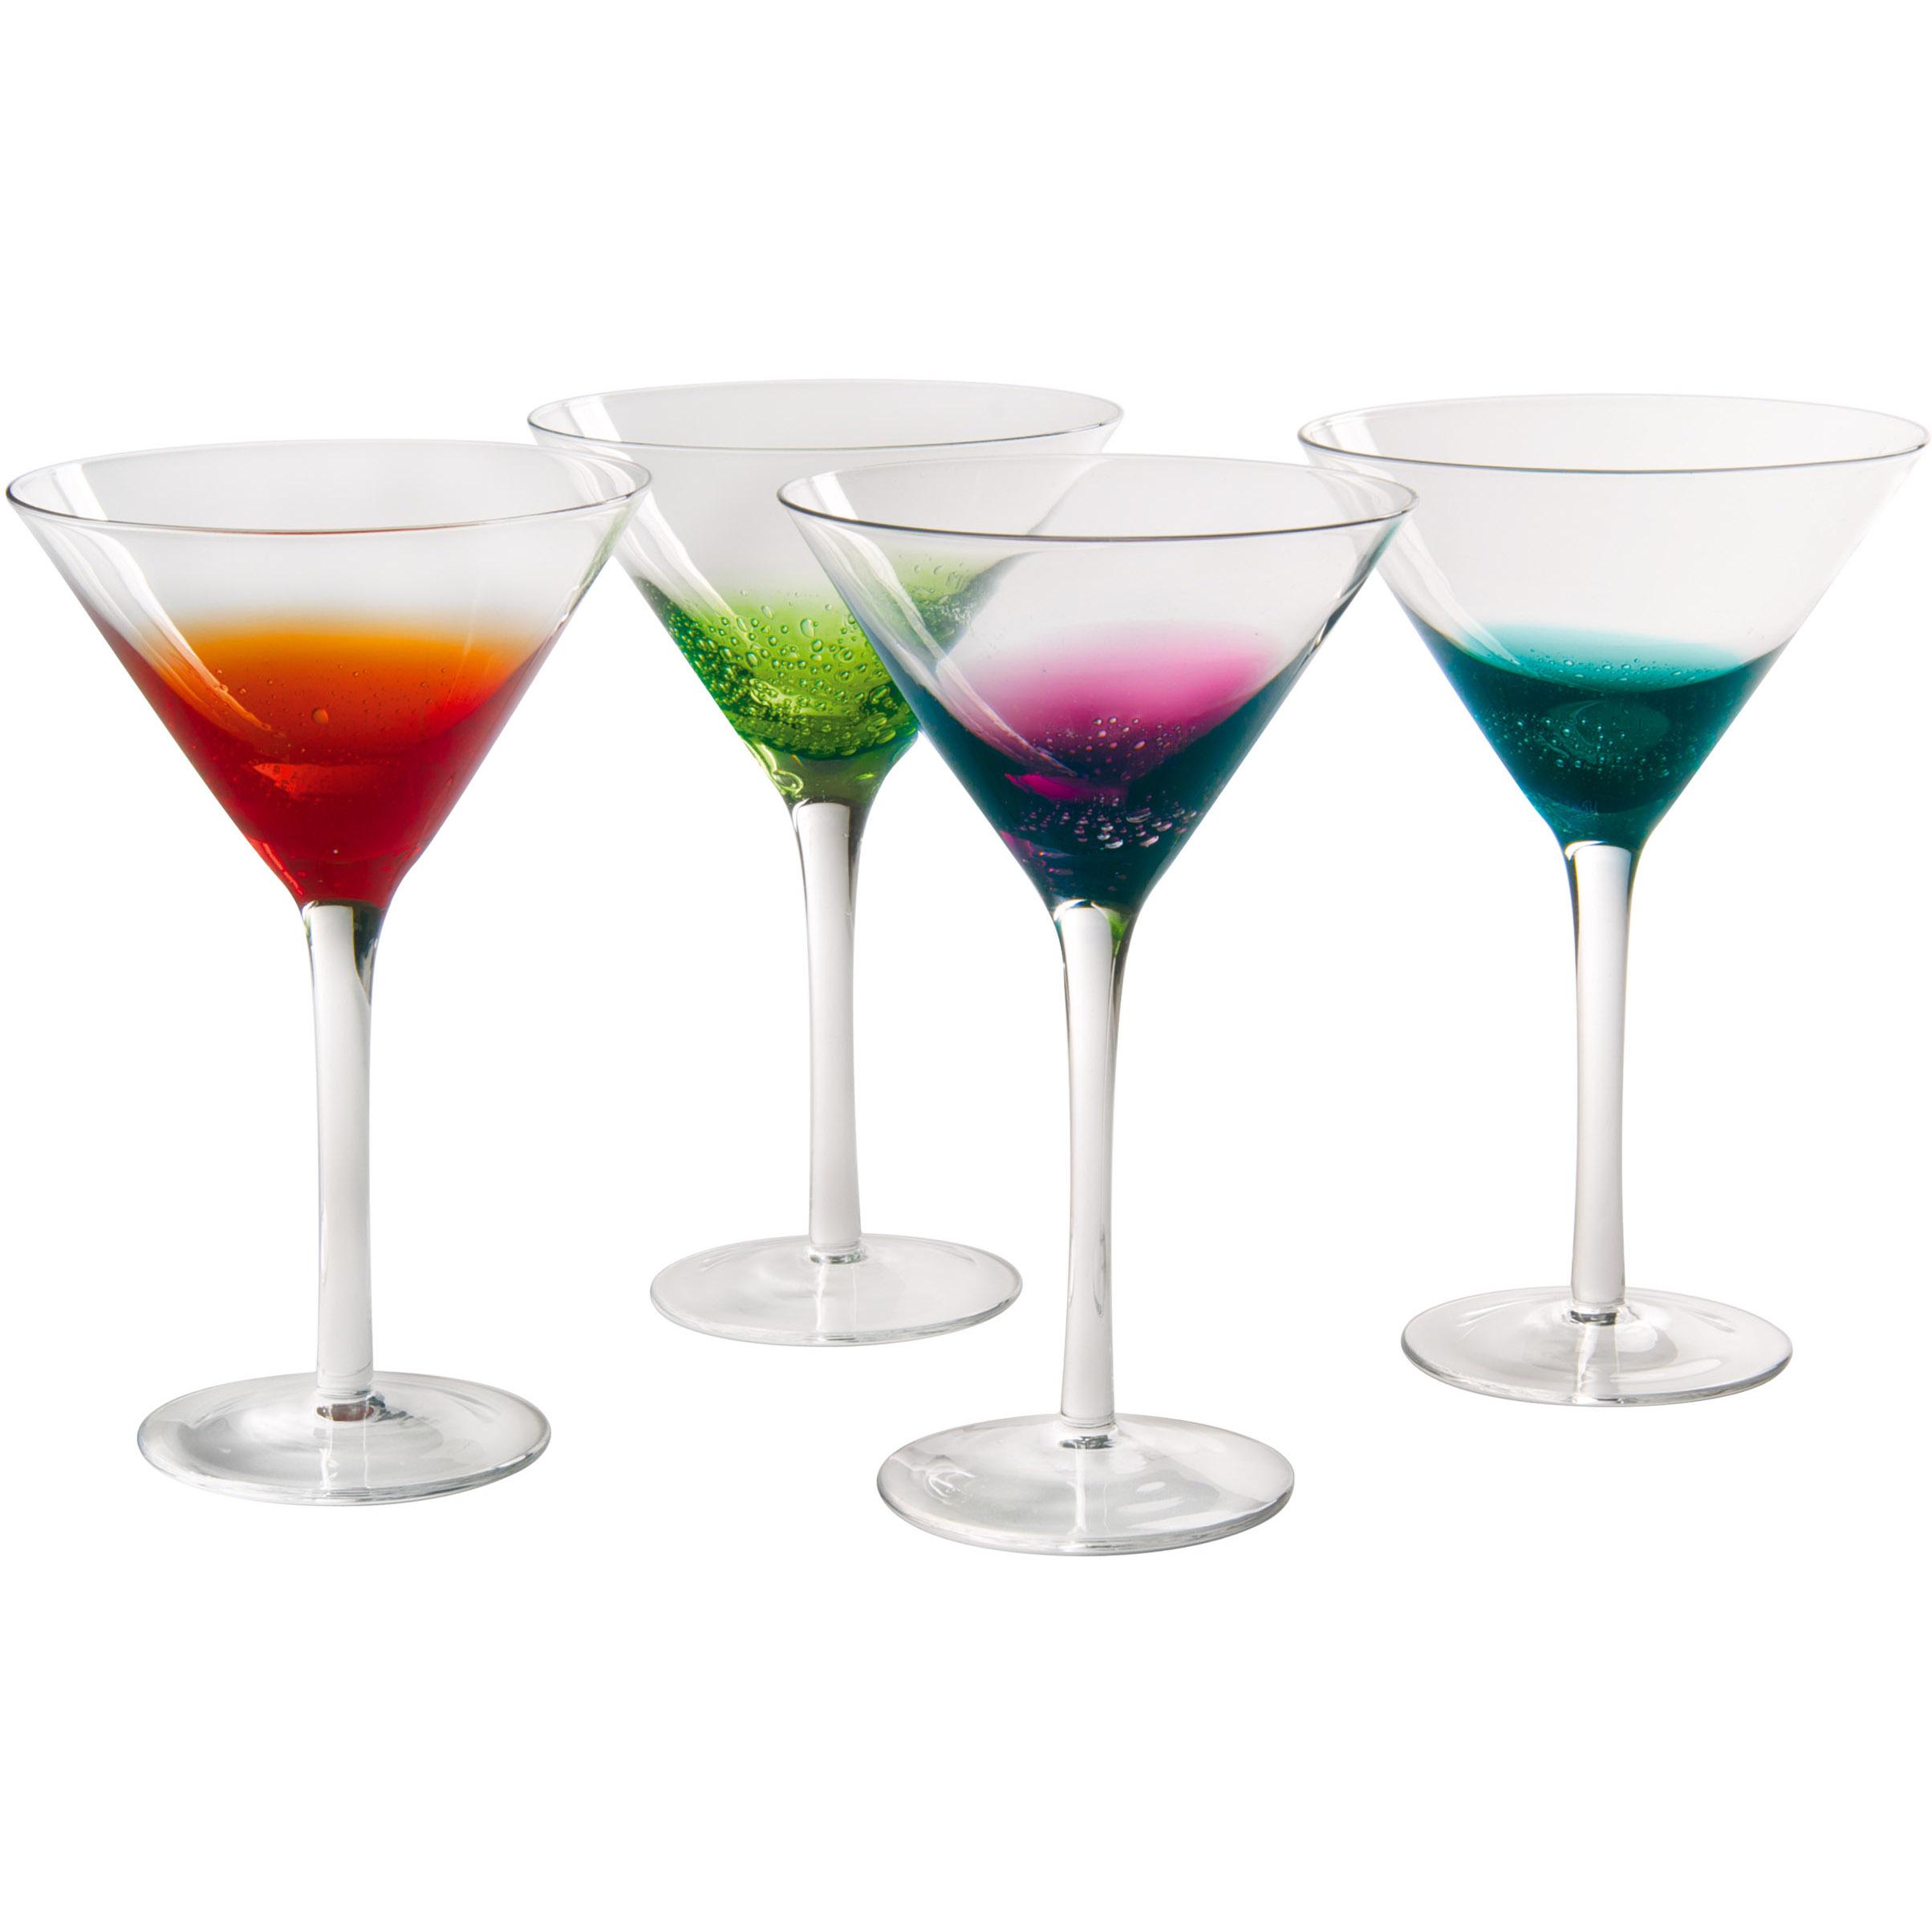 Artland Fizzy Assorted Color Martini Bar Glass, Set of 4